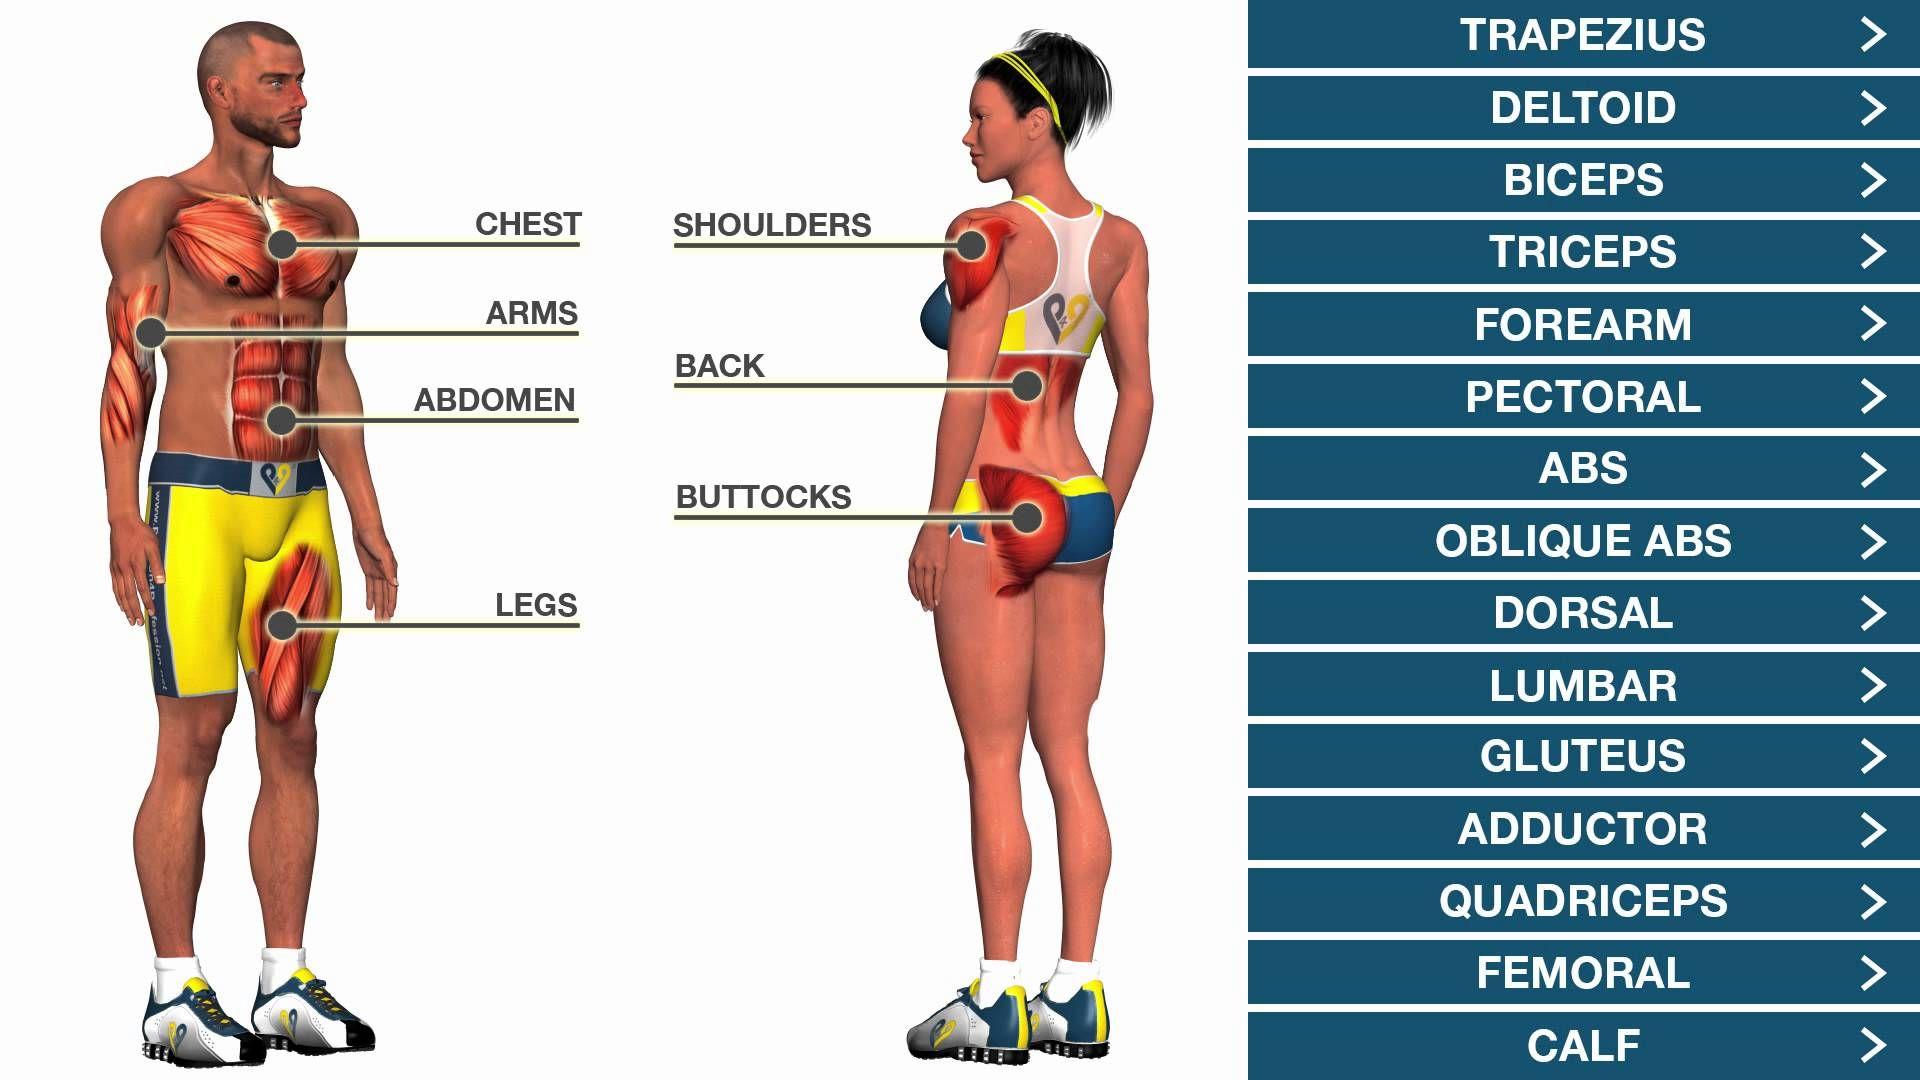 programma di dieta skinny del matthew mcconaughey